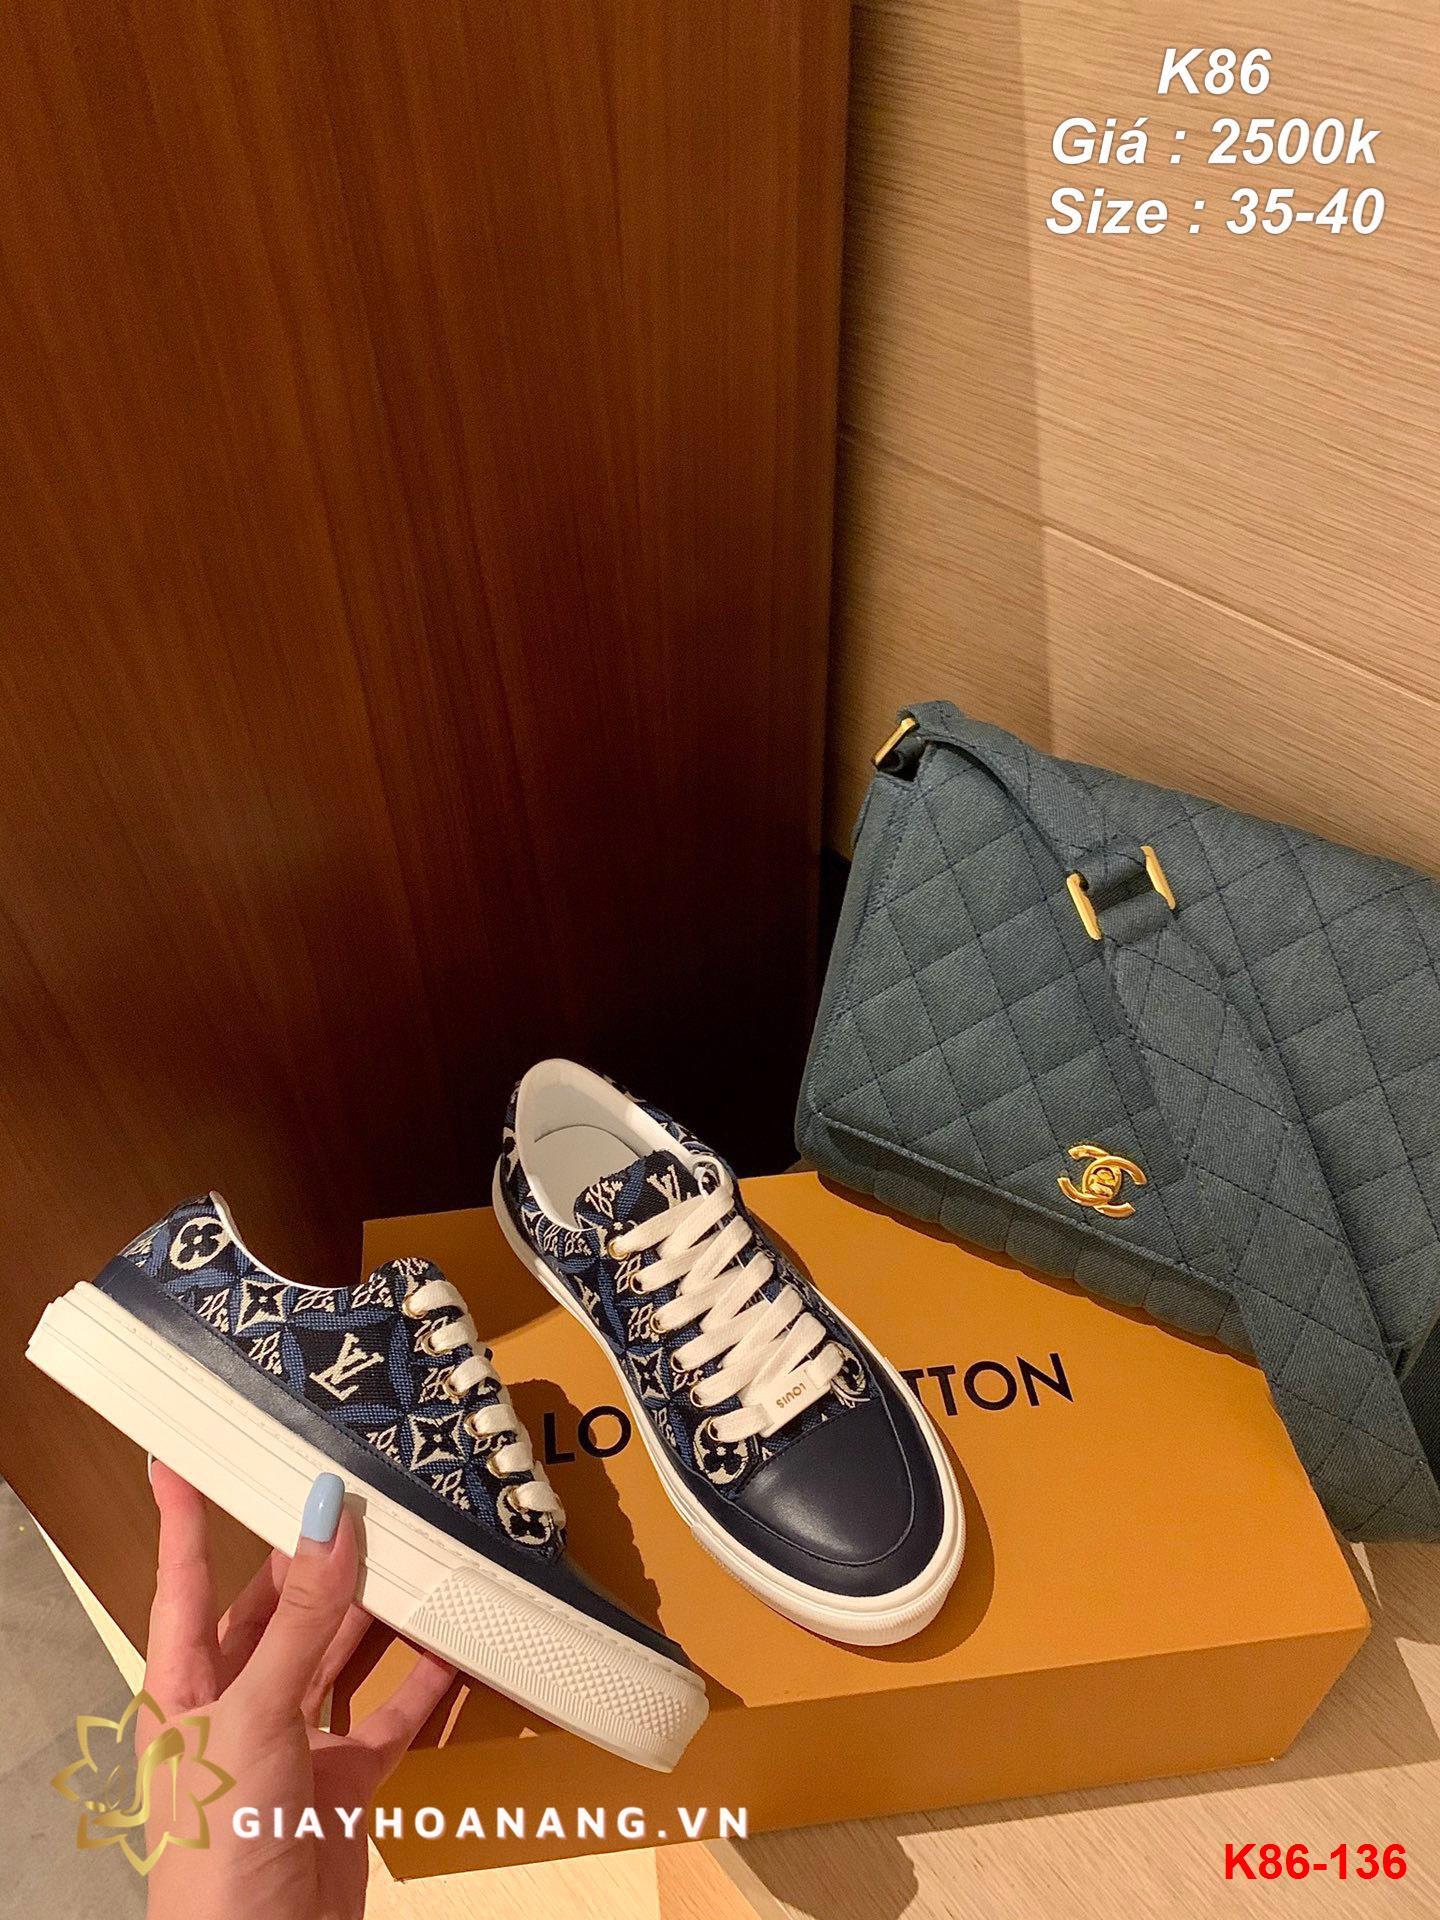 K86-136 Louis Vuitton giày thể thao siêu cấp